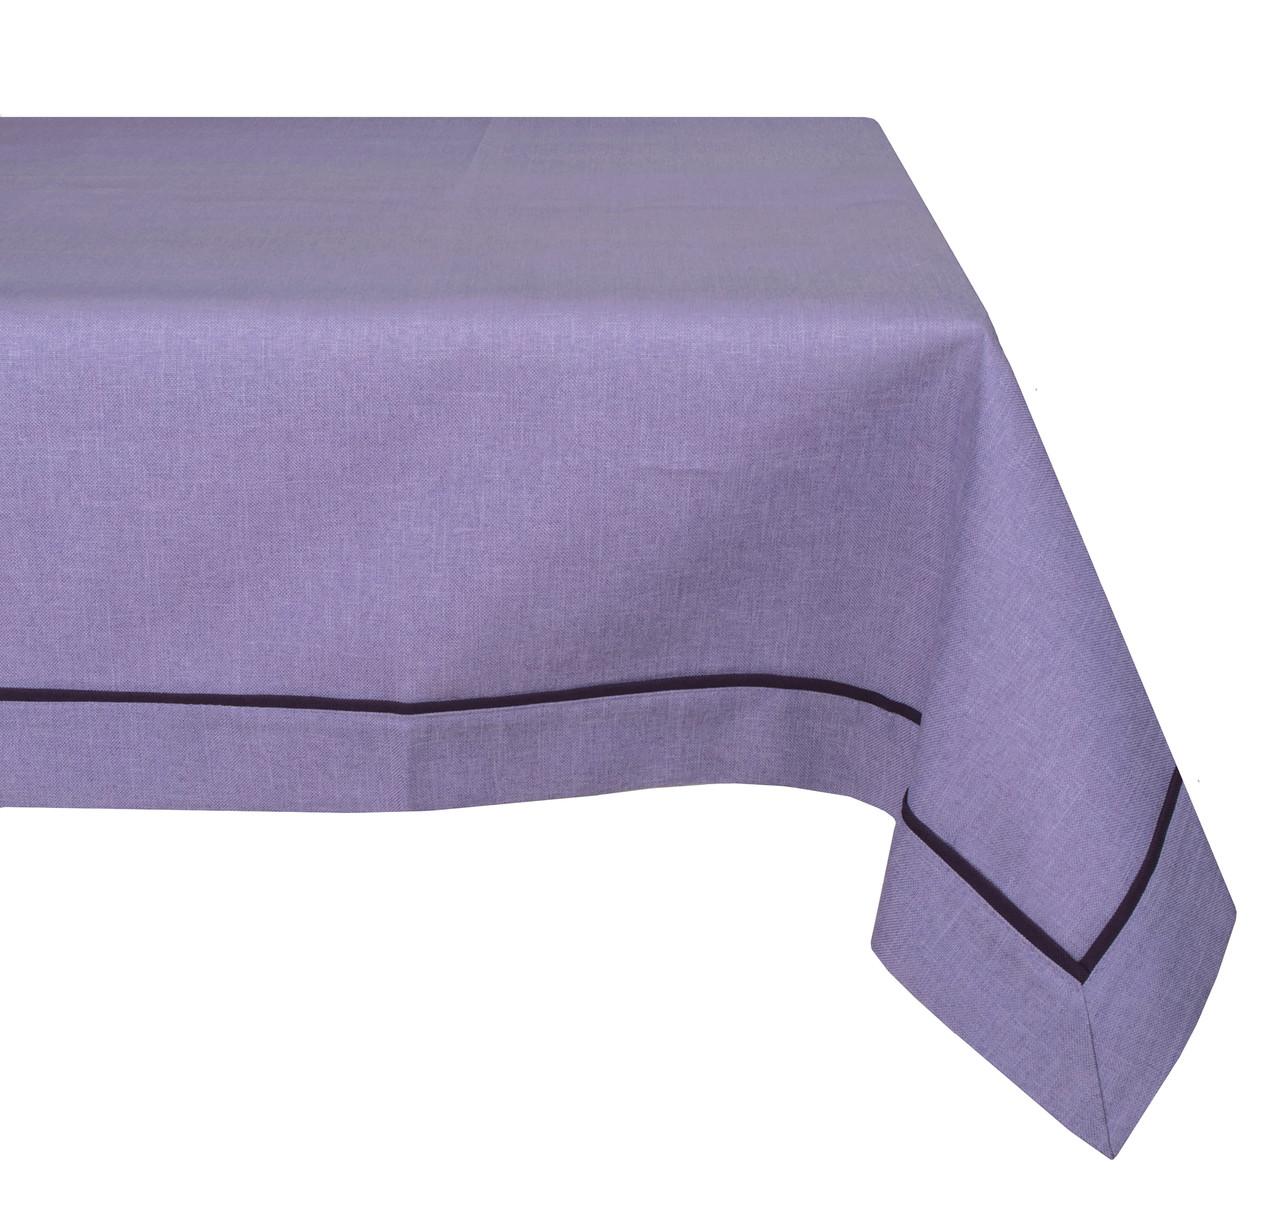 Скатерть Stephani 002 Dekorart 4478 118x200 см Фиолетовая